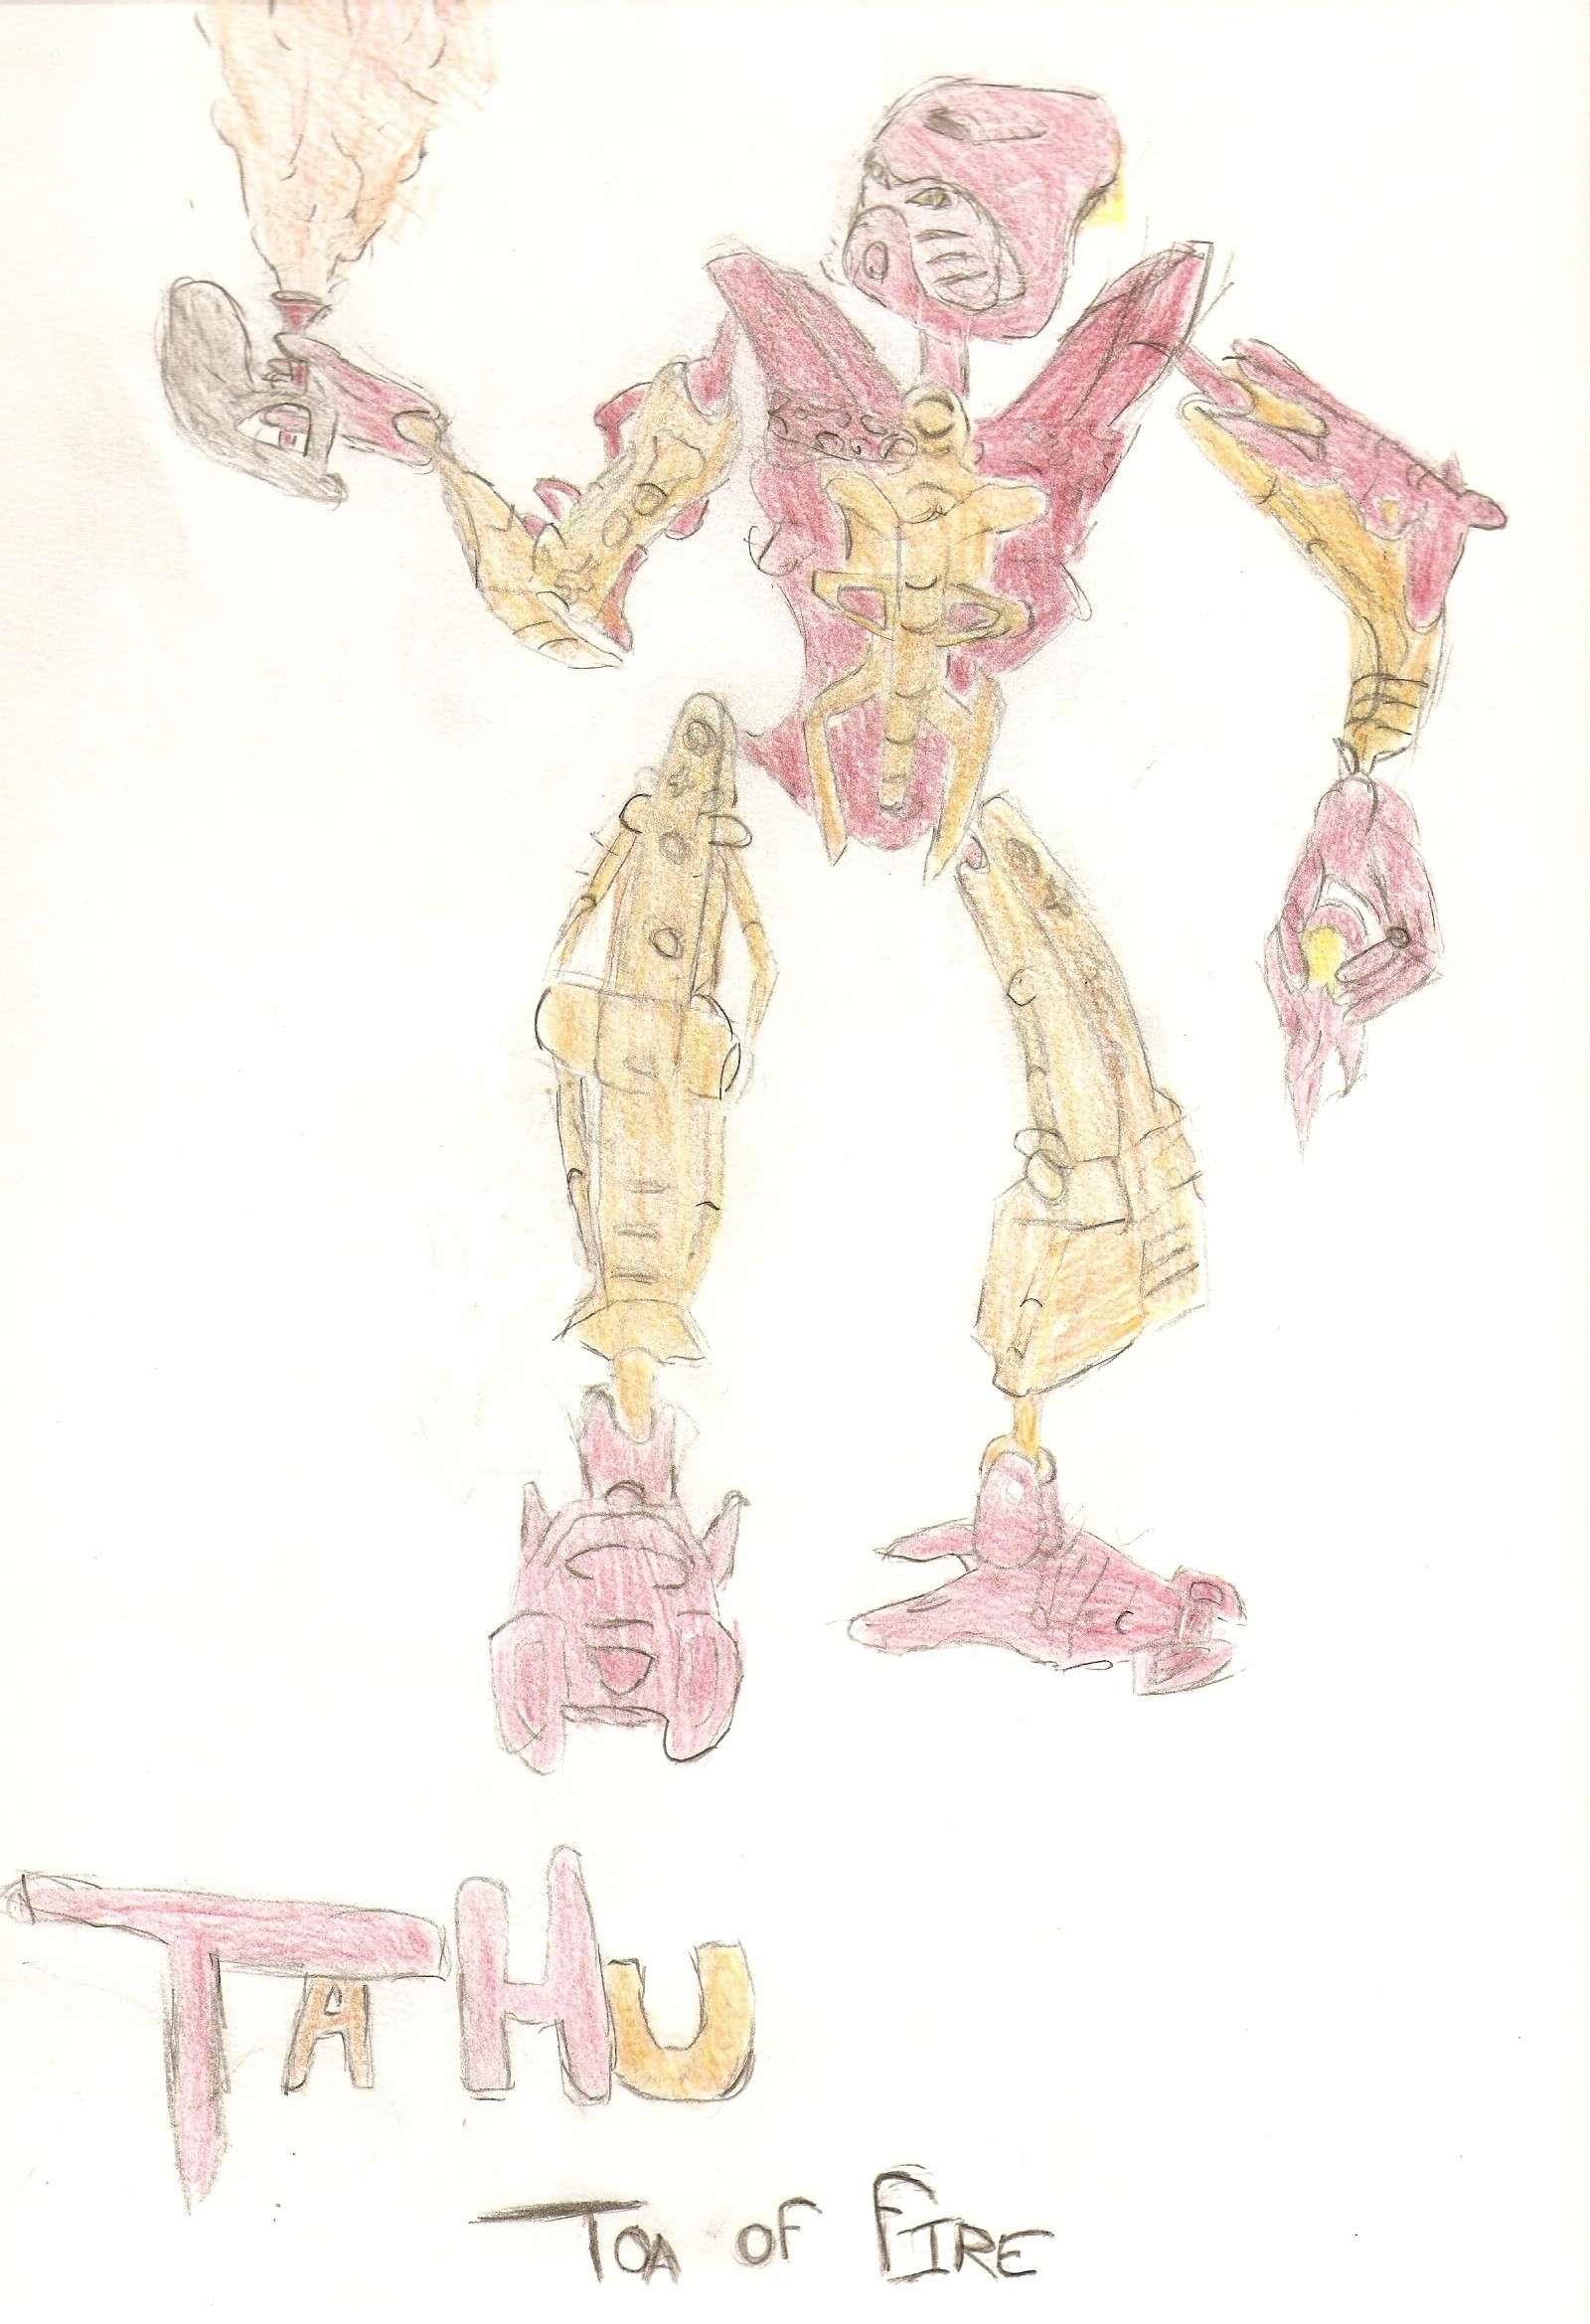 [Fan-Arts] Fan arts bioniclop18: Maudit, Rouage, Kaos Tahu_s11